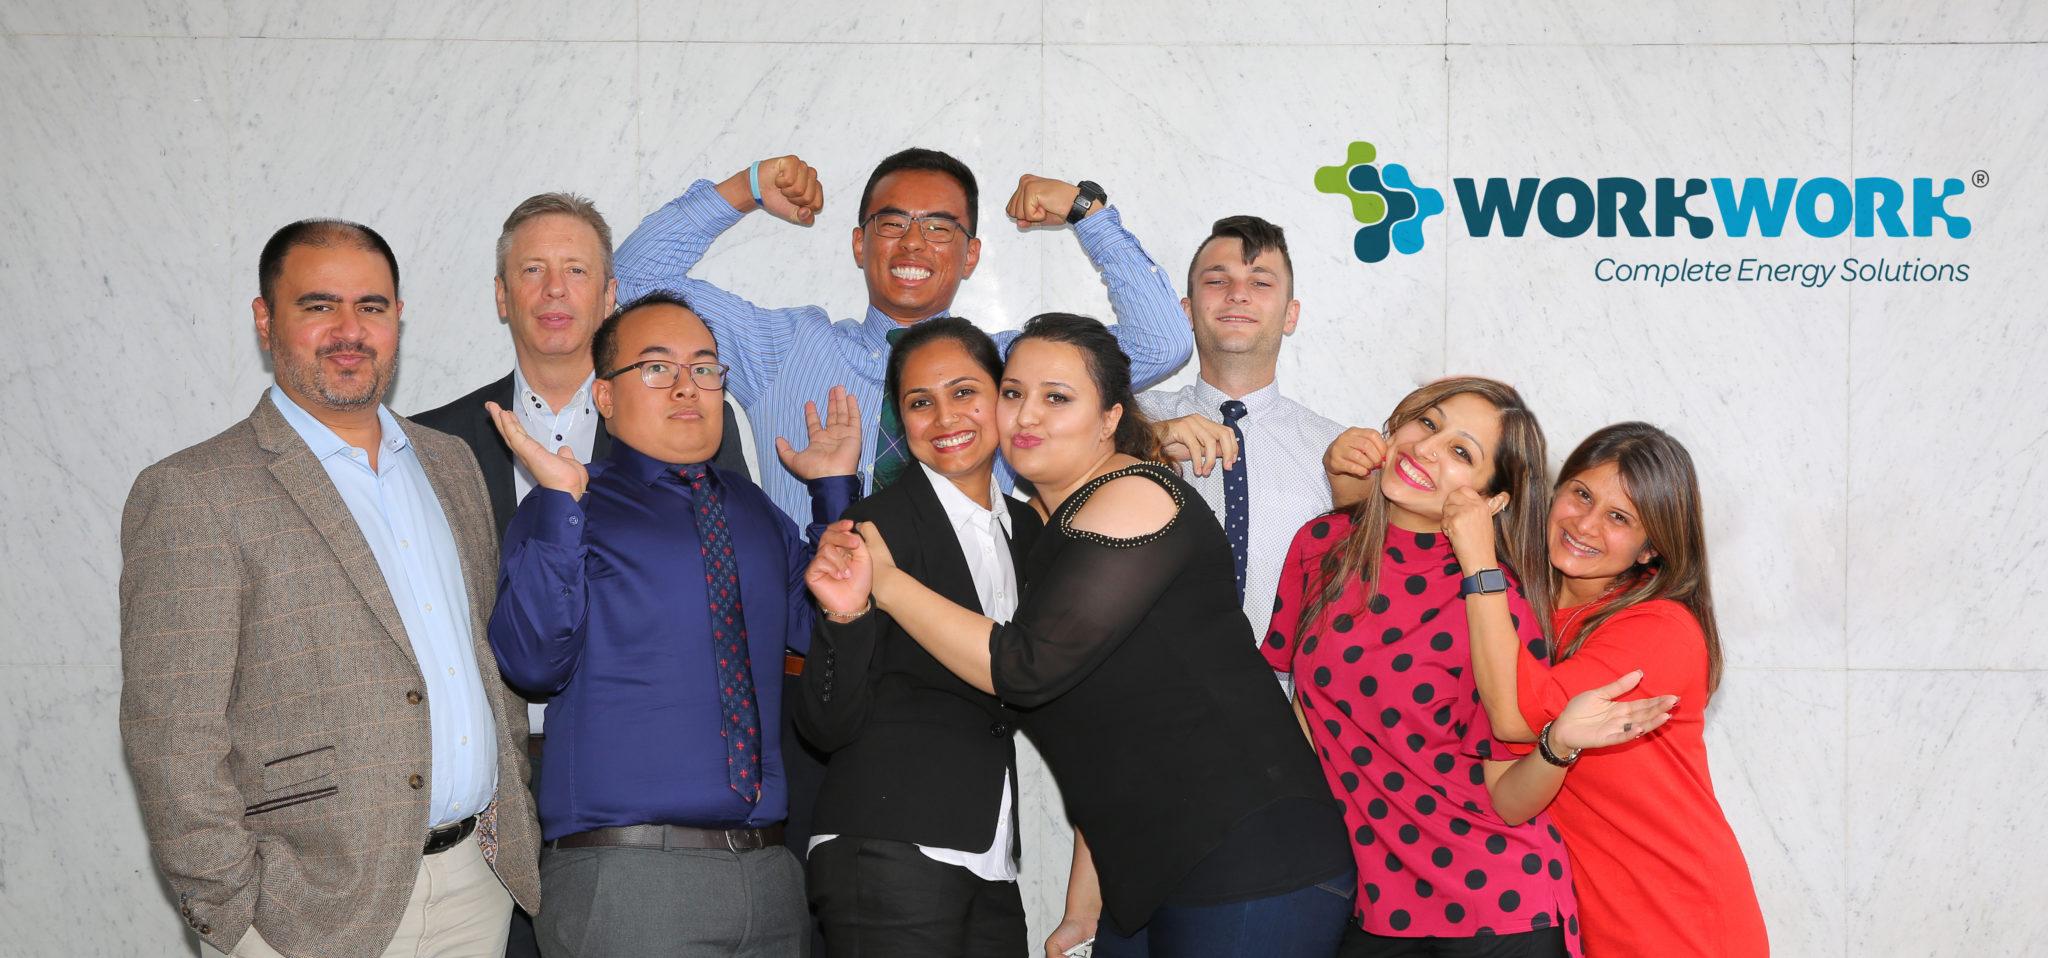 The Work Work Team